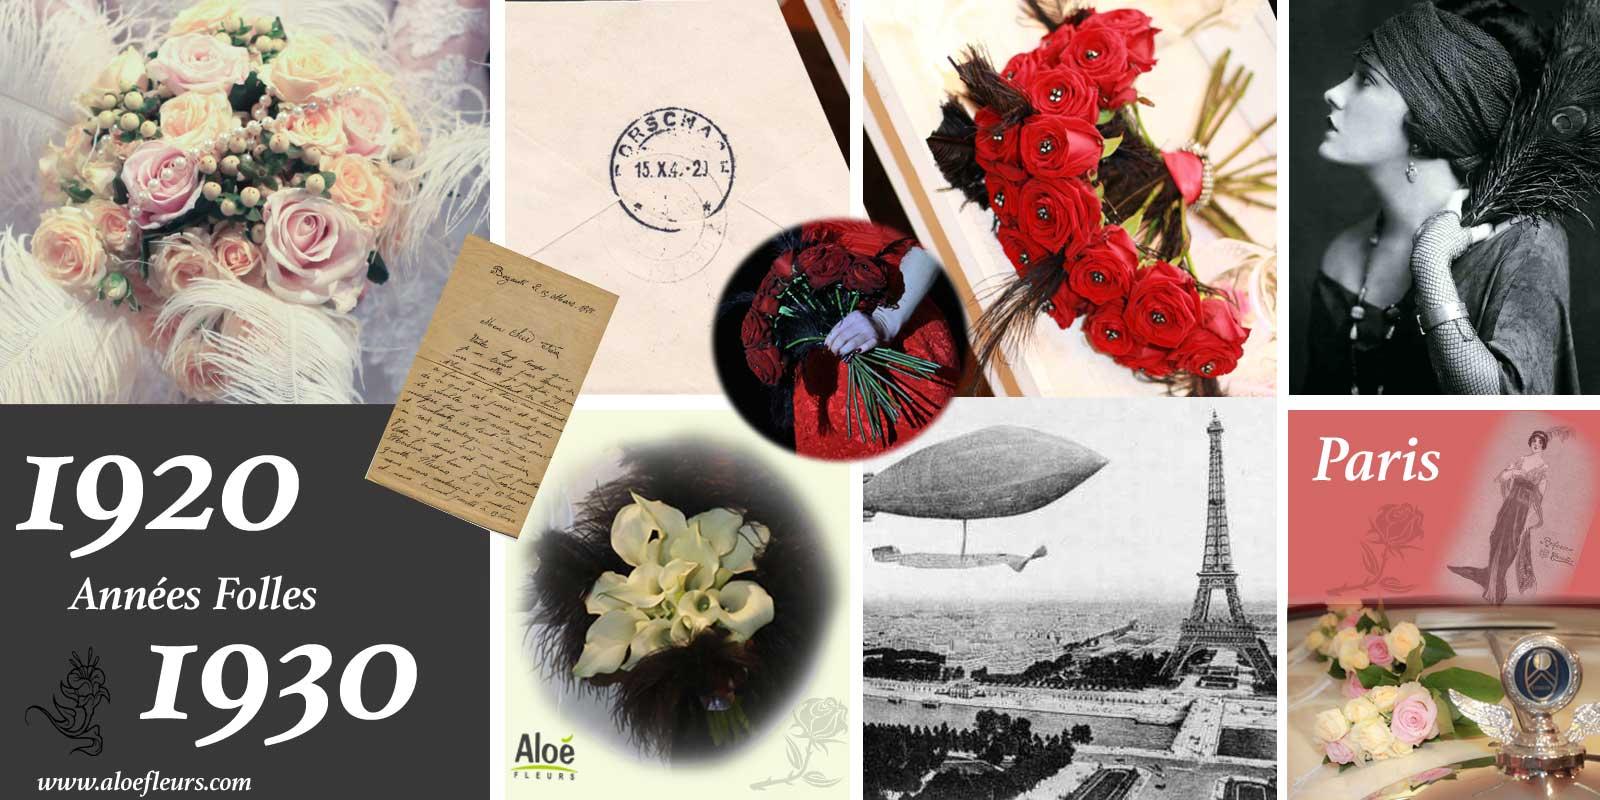 tendance-decoration-florale-2016-année-folles---alloefleurs.com